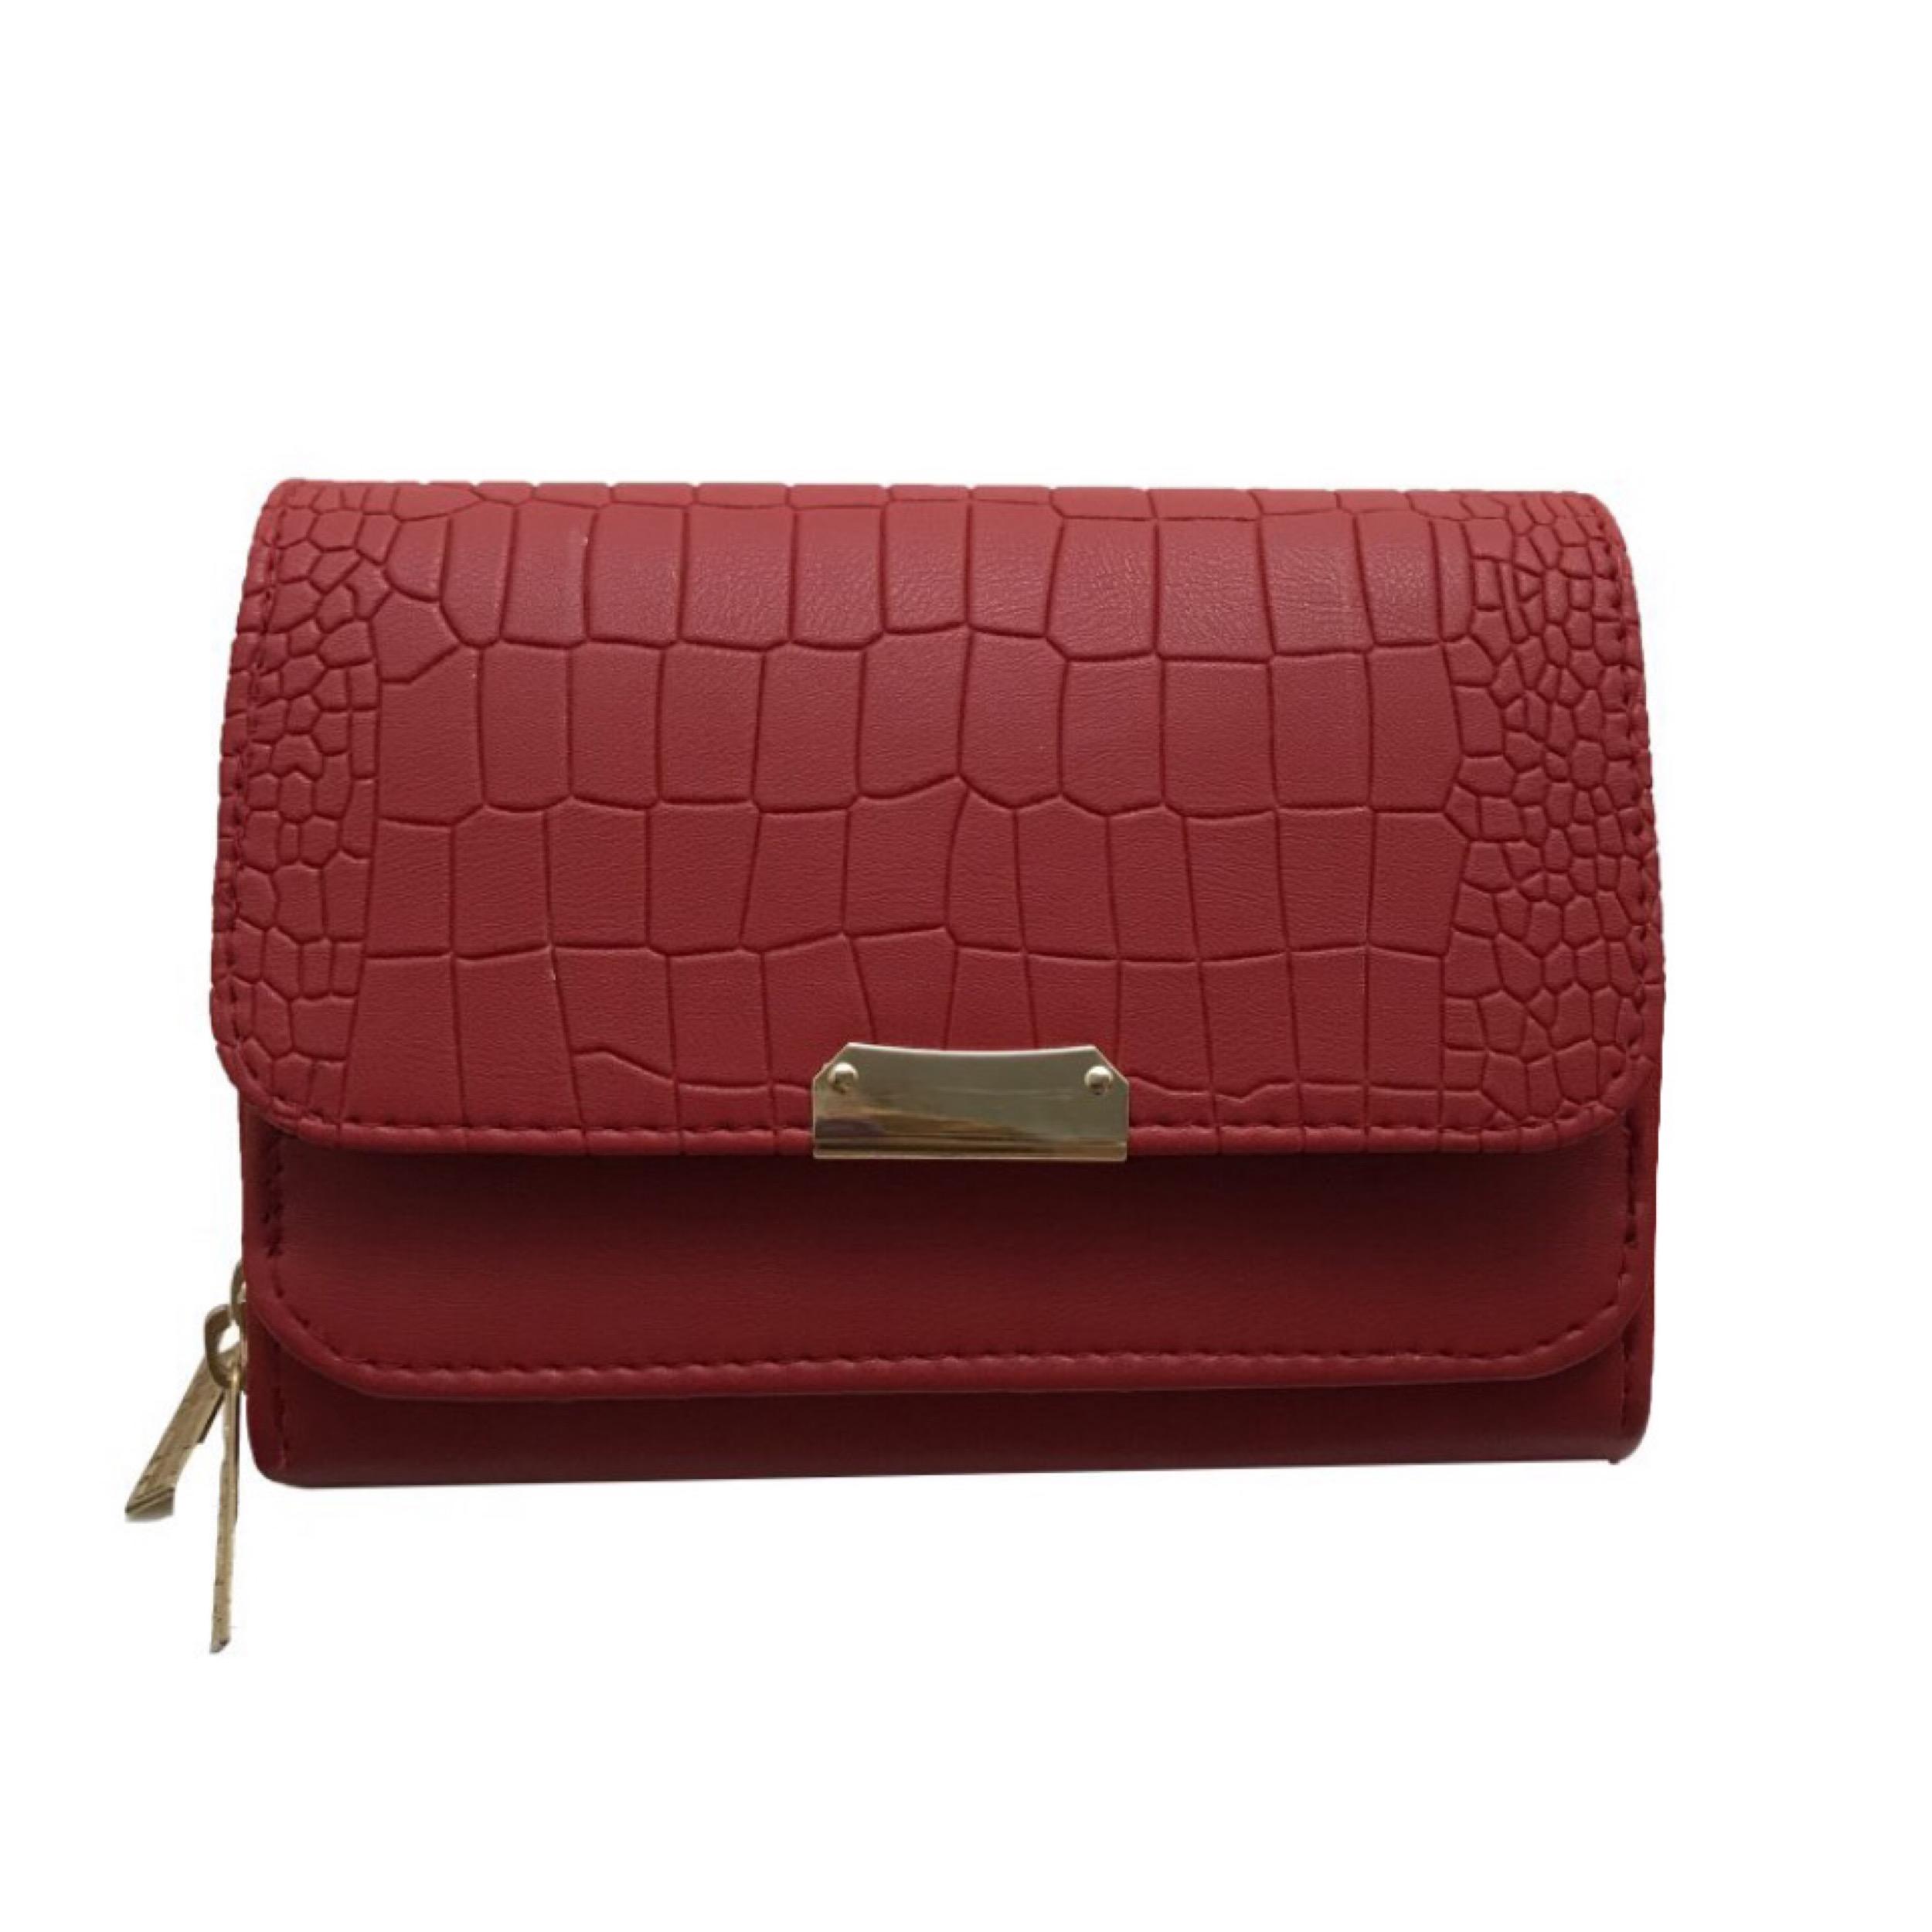 کیف دستی زنانه کد Dg110